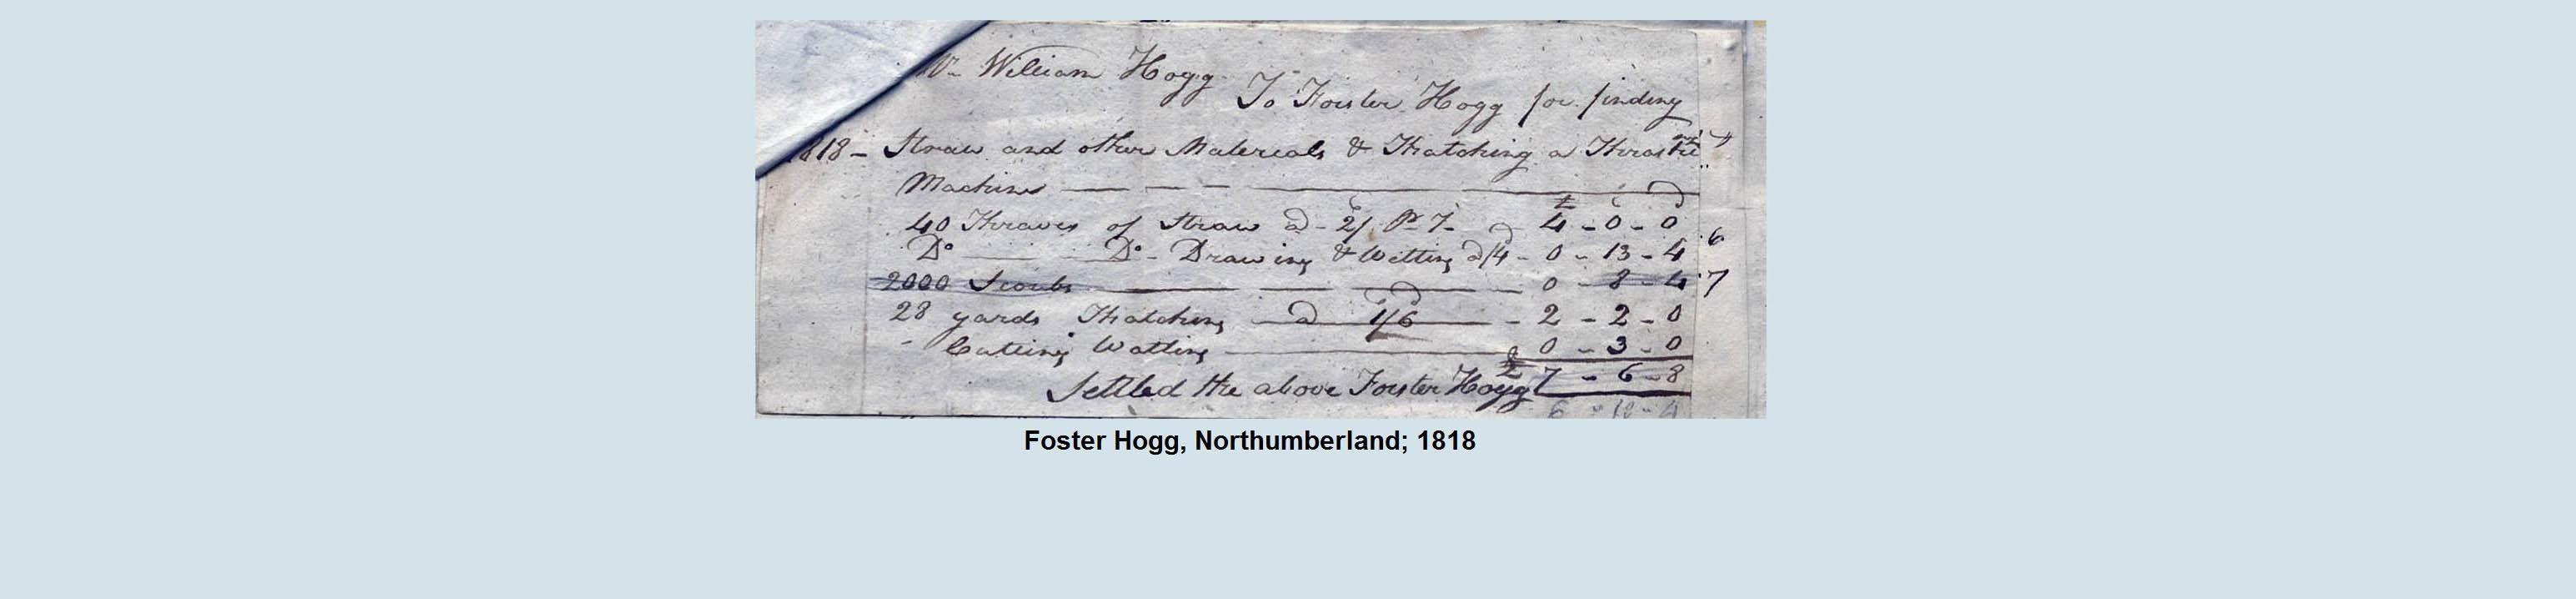 thatch invoice 1818